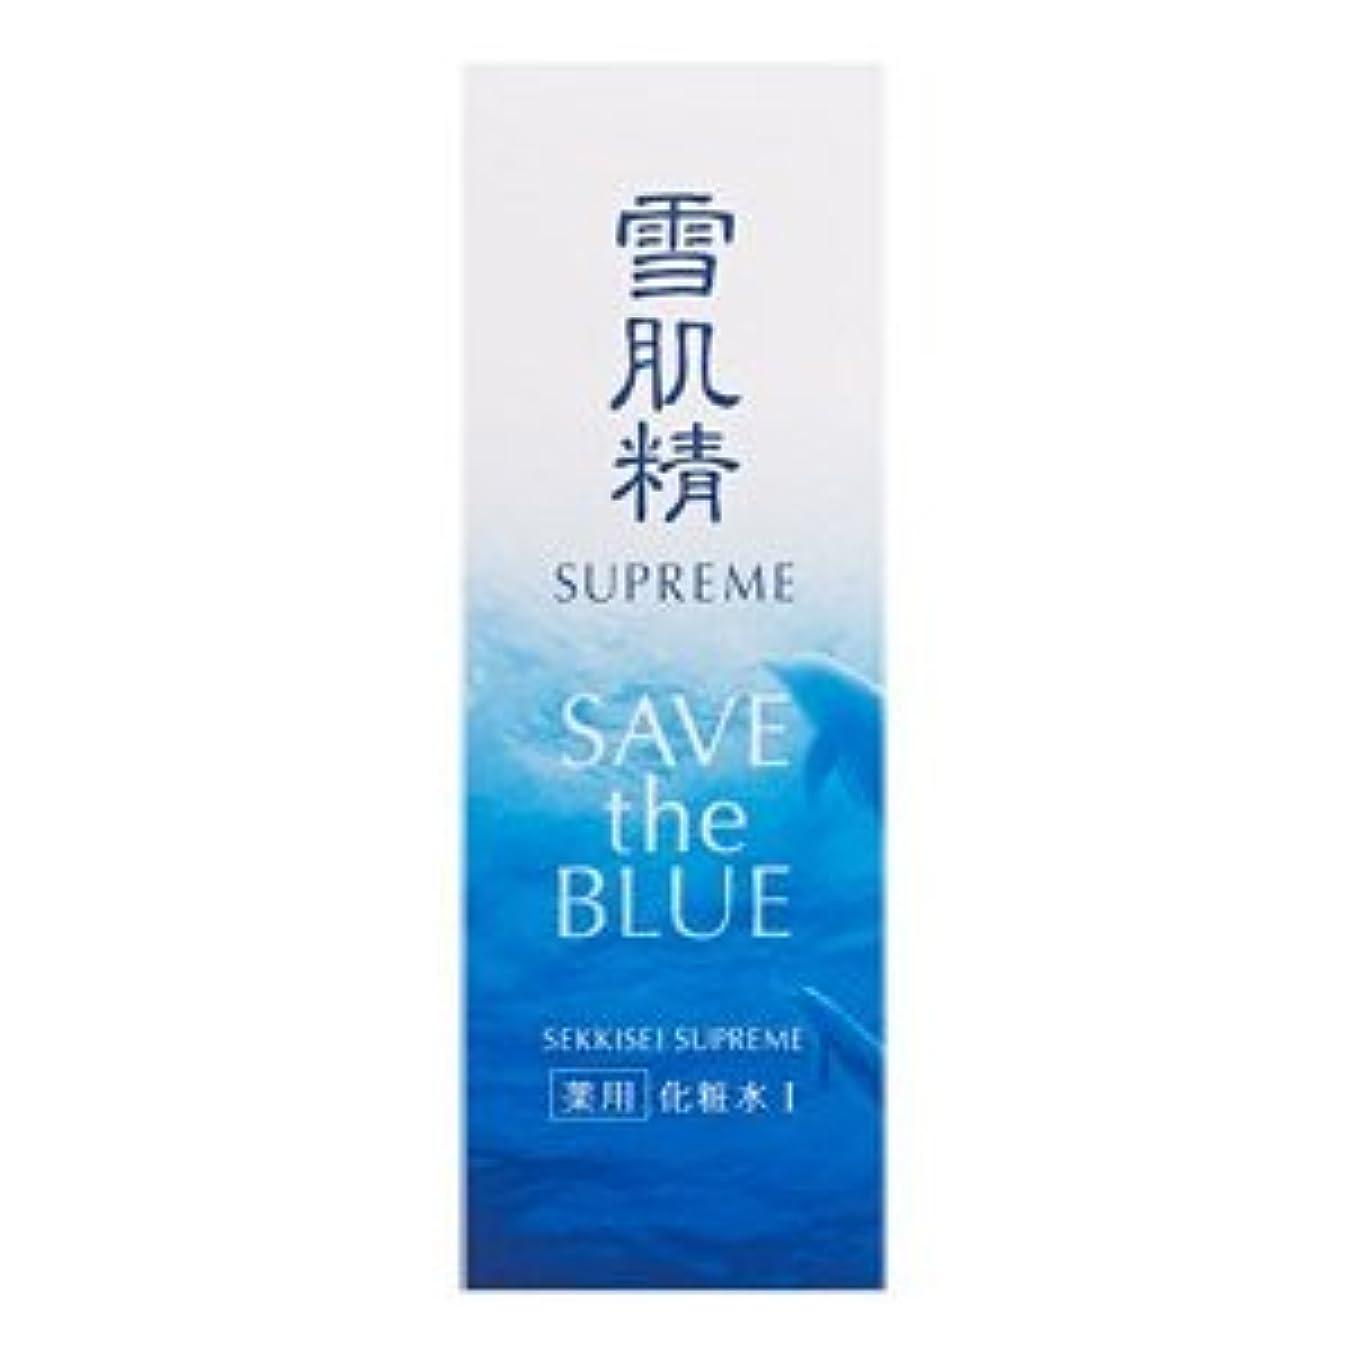 現れる変形クリアコーセー 雪肌精 シュープレム 化粧水 Ⅰ みずみずしいうるおい 400ml アウトレット